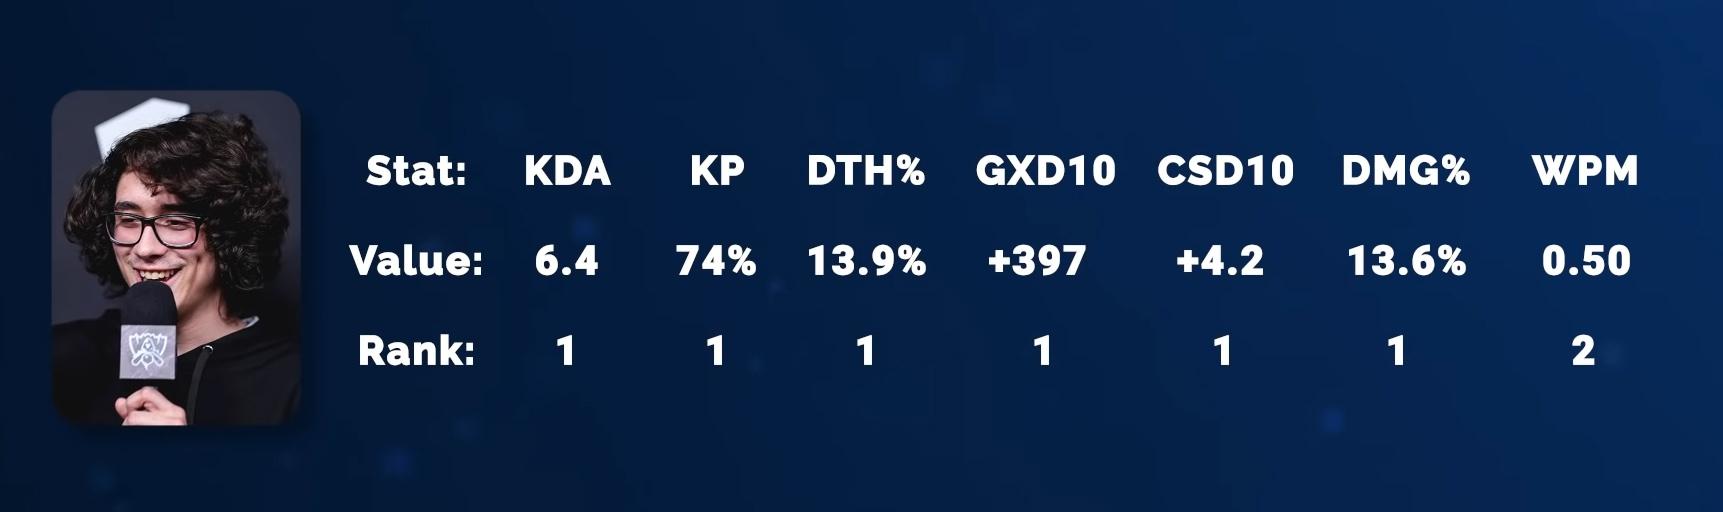 Estadísticas de Josedeodo en LLA. Fuente YouTube